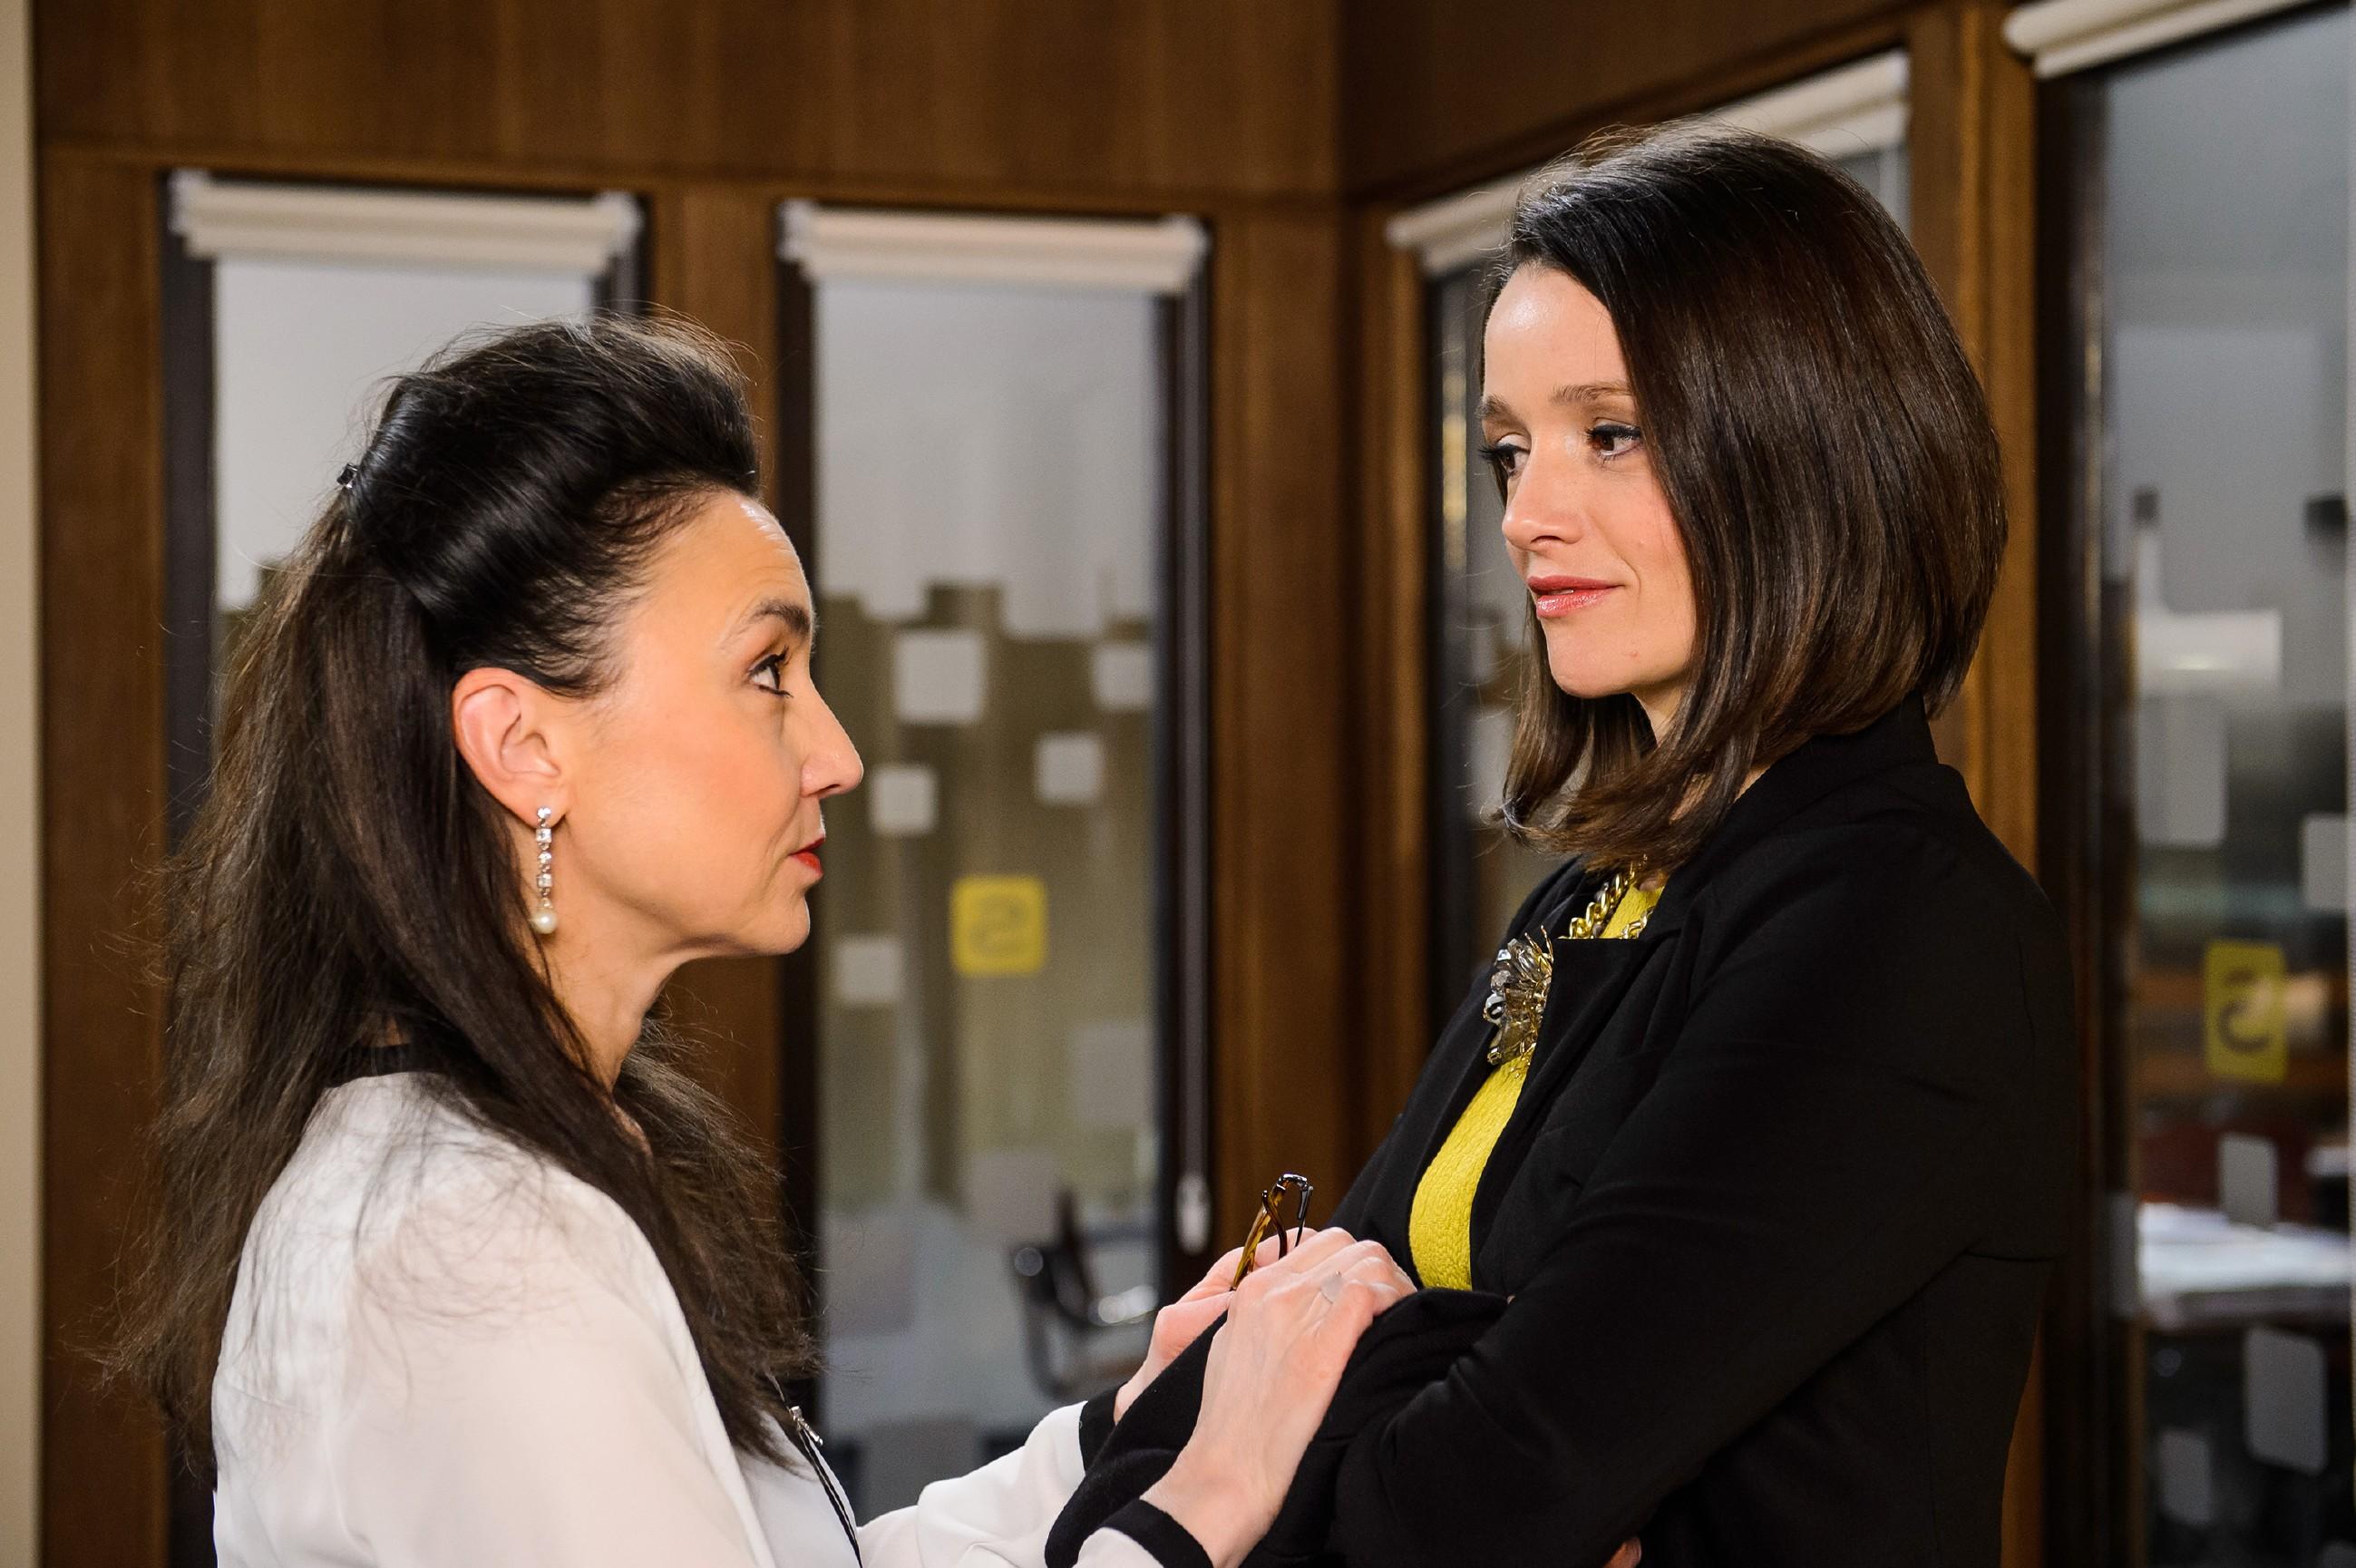 Simone (Tatjana Clasing, l.) stellt vor Jenny (Kaja Schmidt-Tychsen) entschieden klar, dass sie sich von Carmen nicht ihren Mann wegnehmen lassen wird. (Quelle: RTL / Willi Weber)